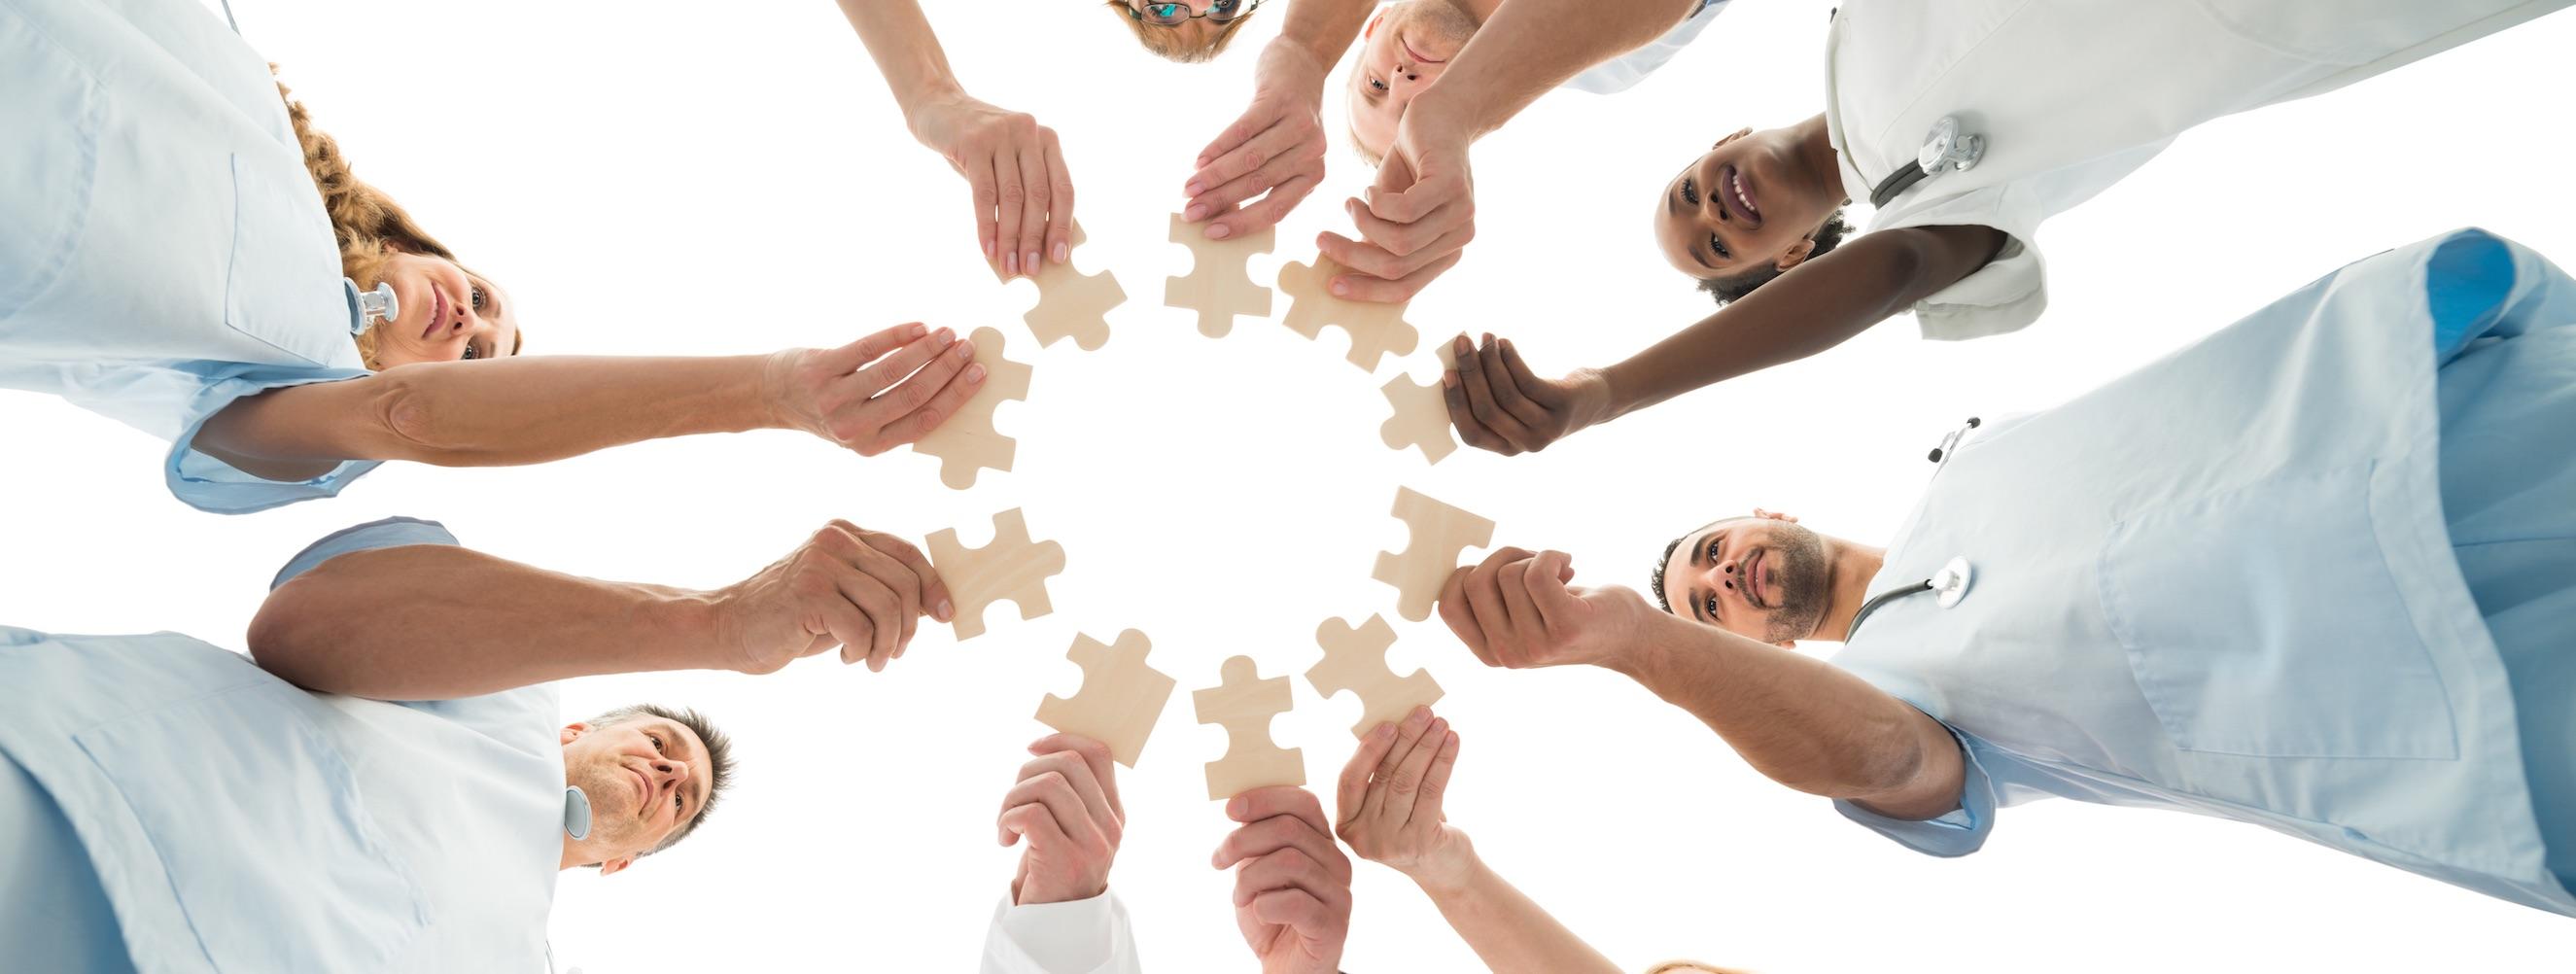 Leading a Community Health Organization